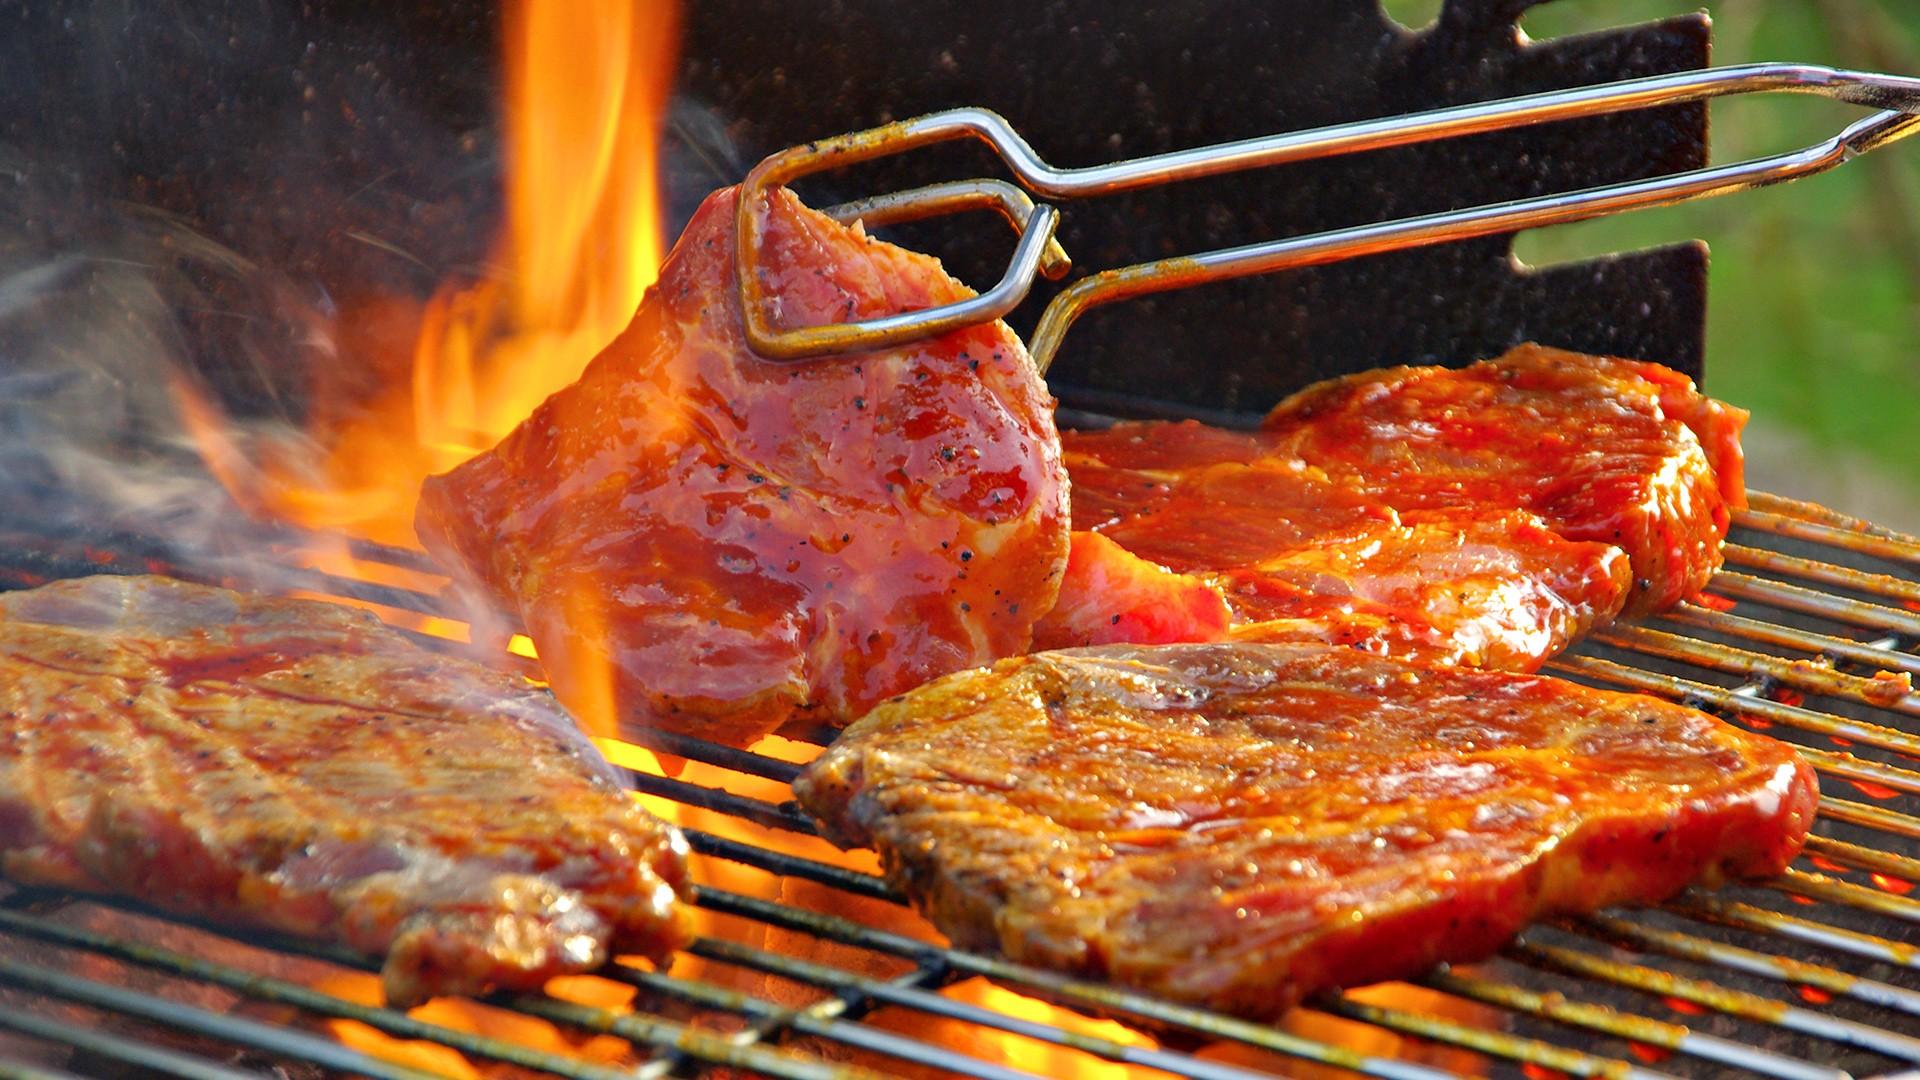 【スポーツ選手の皆さんへ】焼き肉を食べたくなったら意識してほしいこと